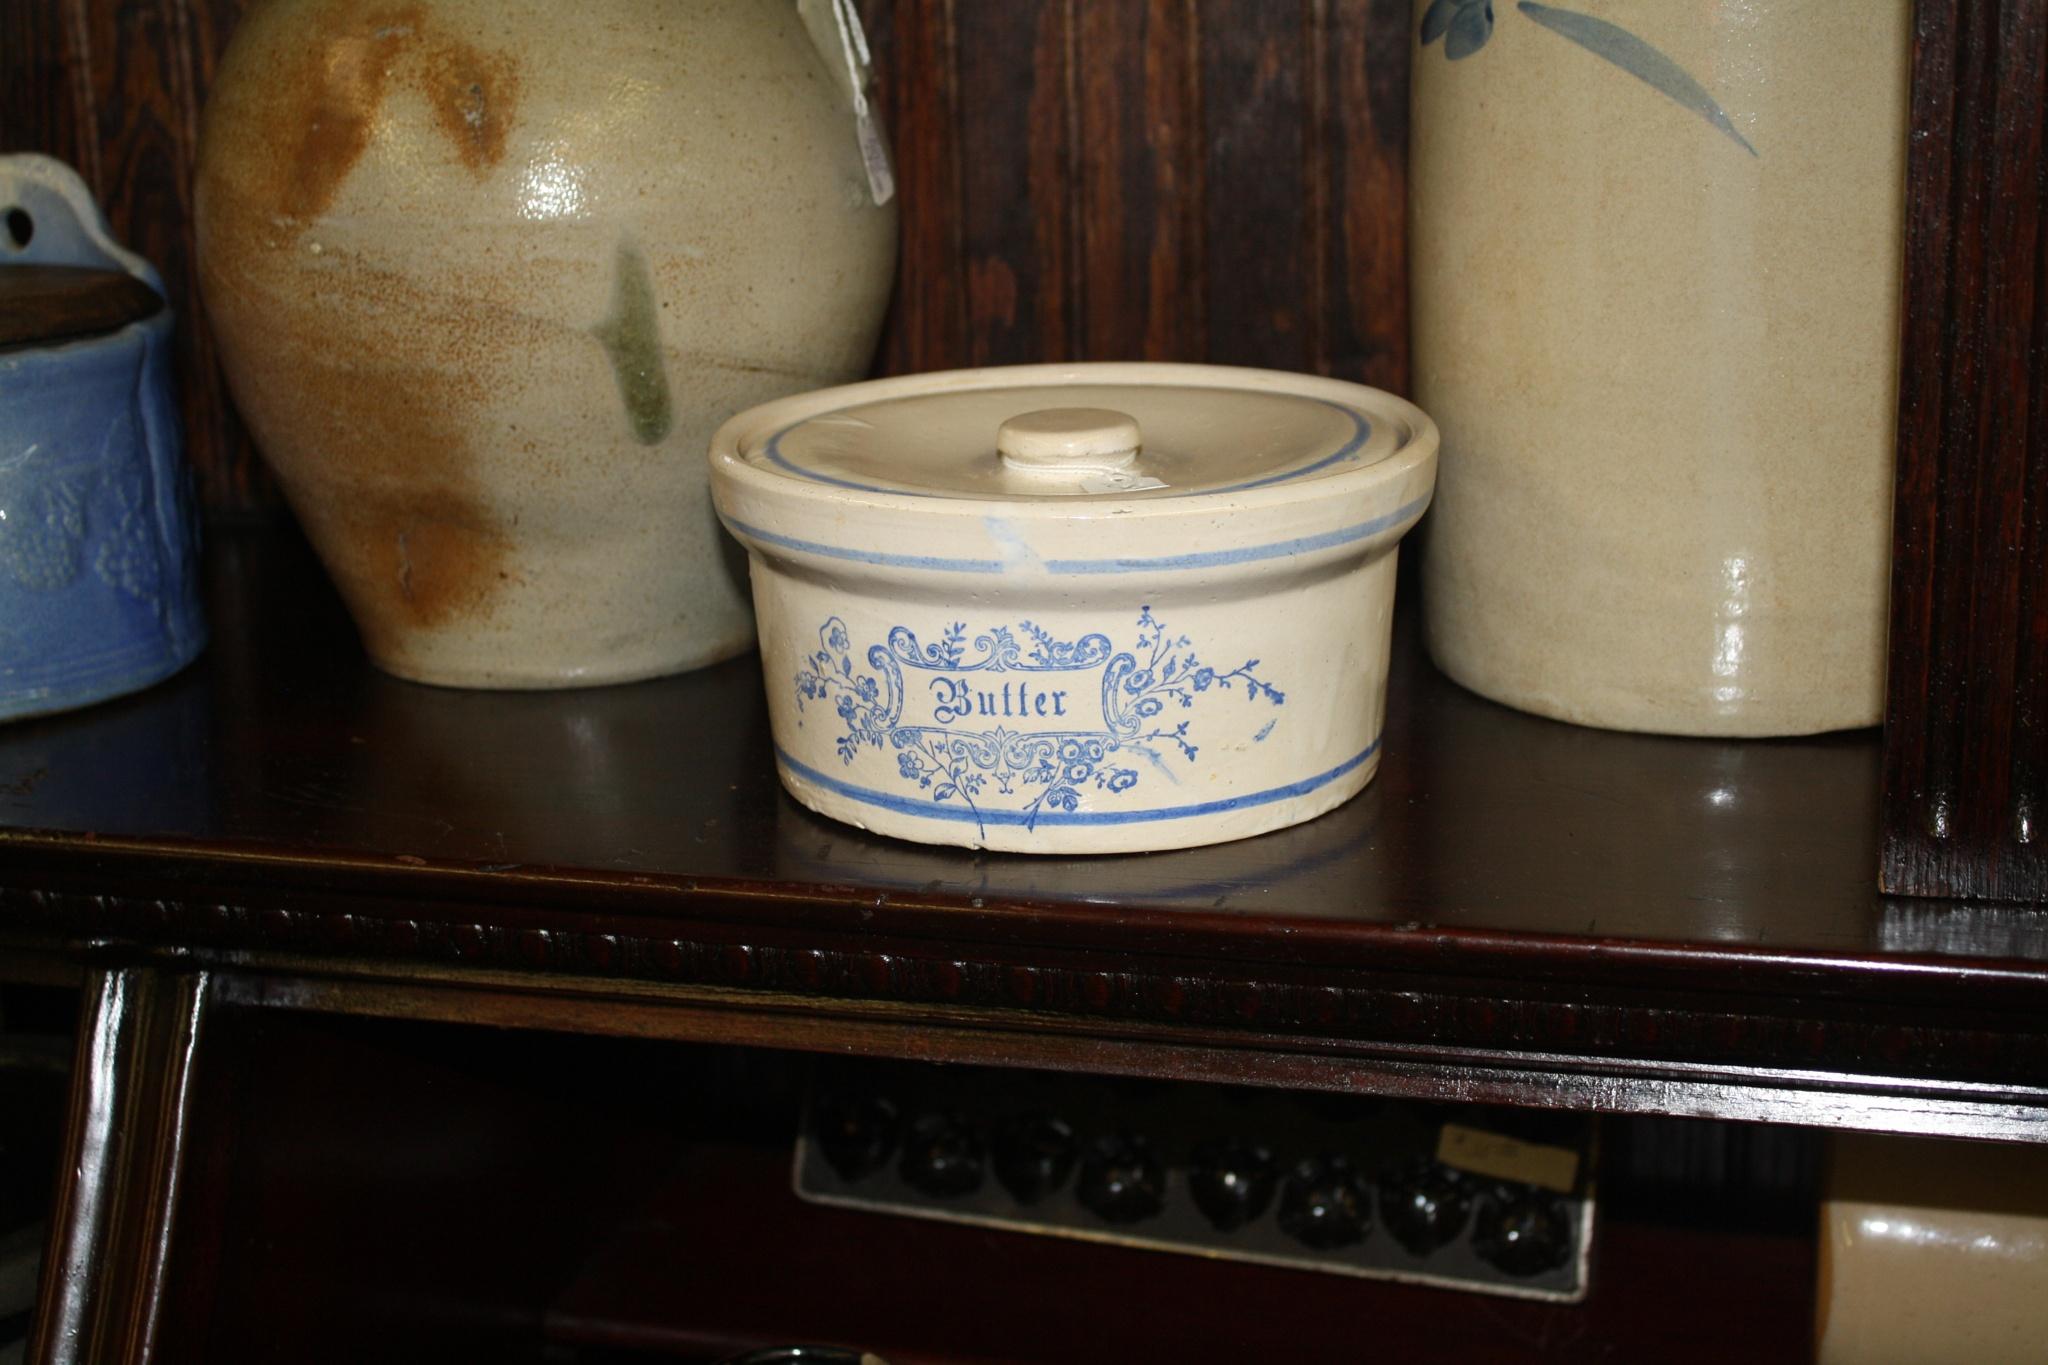 Butter holder by joann.kunkle